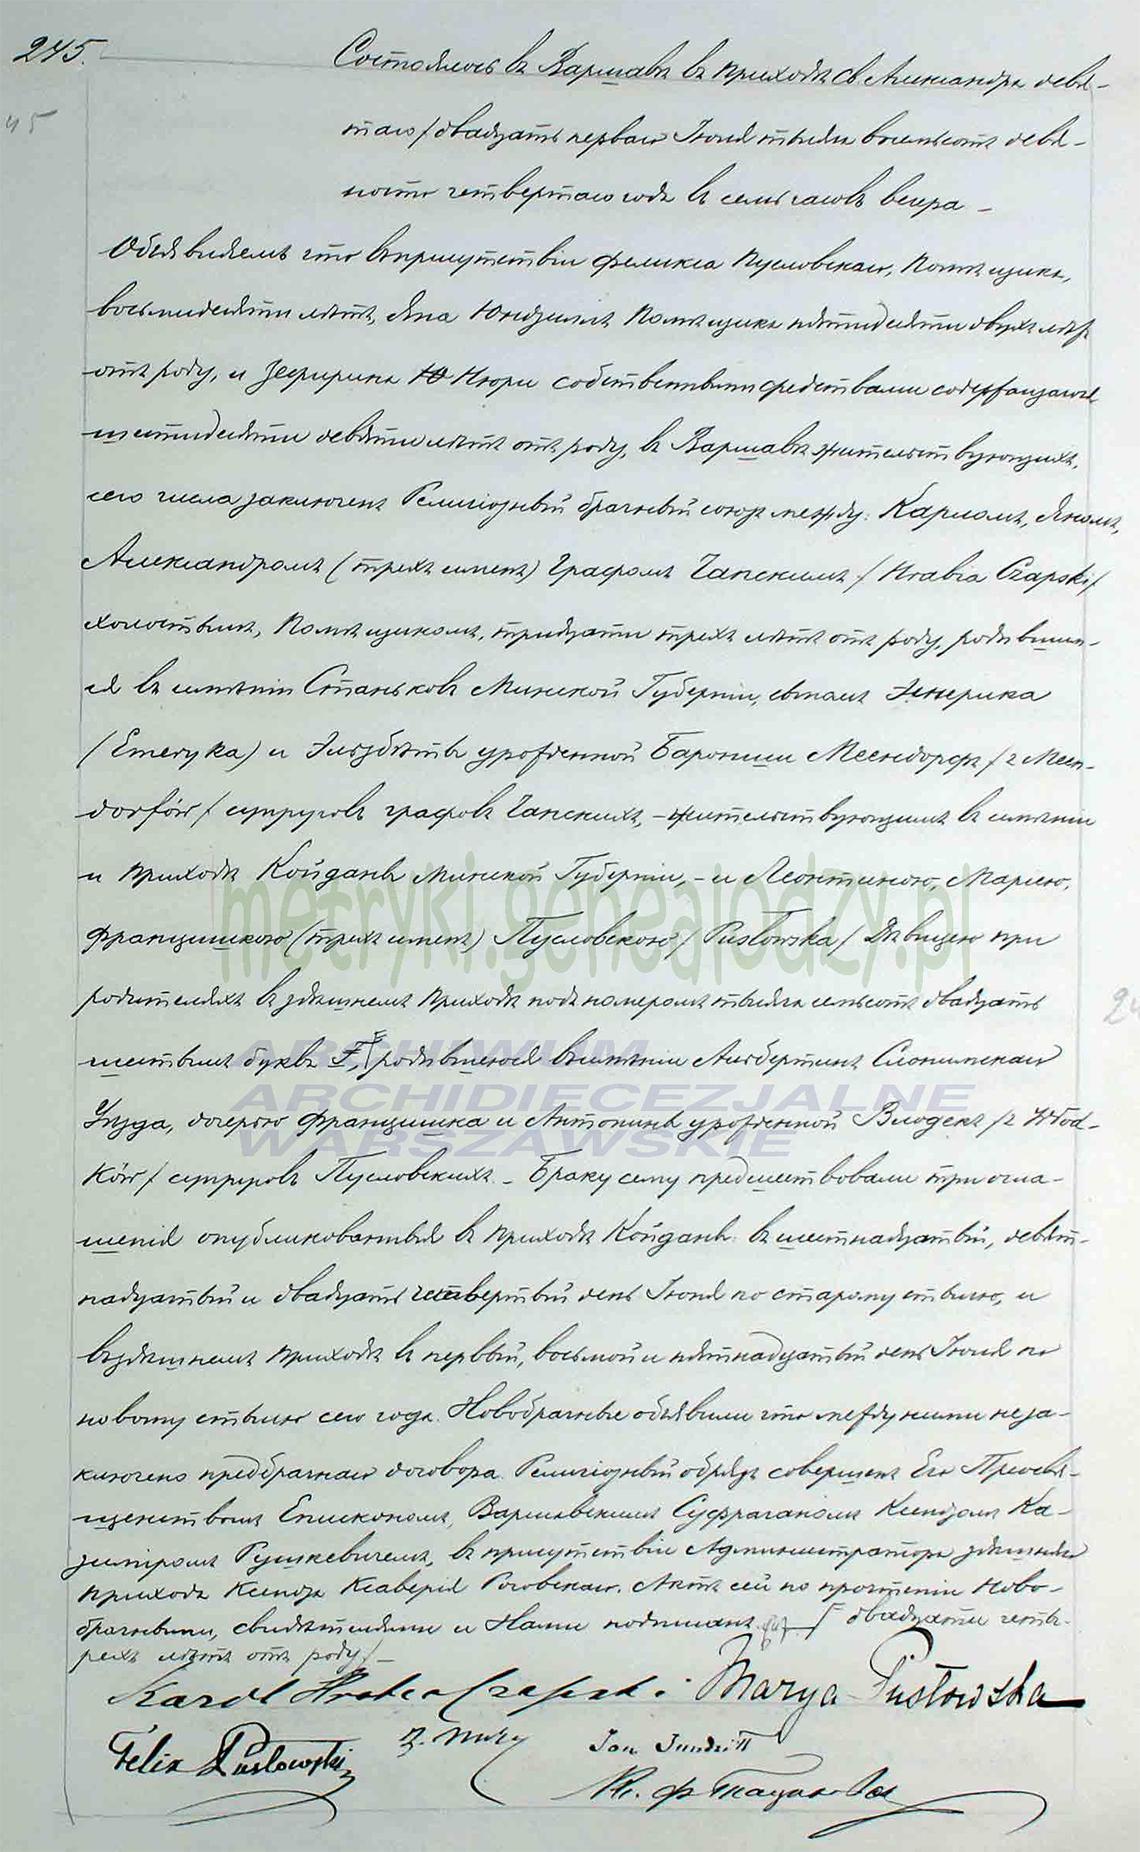 Akt stanu cywilnego małżeństwa Karol Jan Aleksander Czapski & Leontyna Maria Franciszka Pusłowska 09/21.07.1894 r.